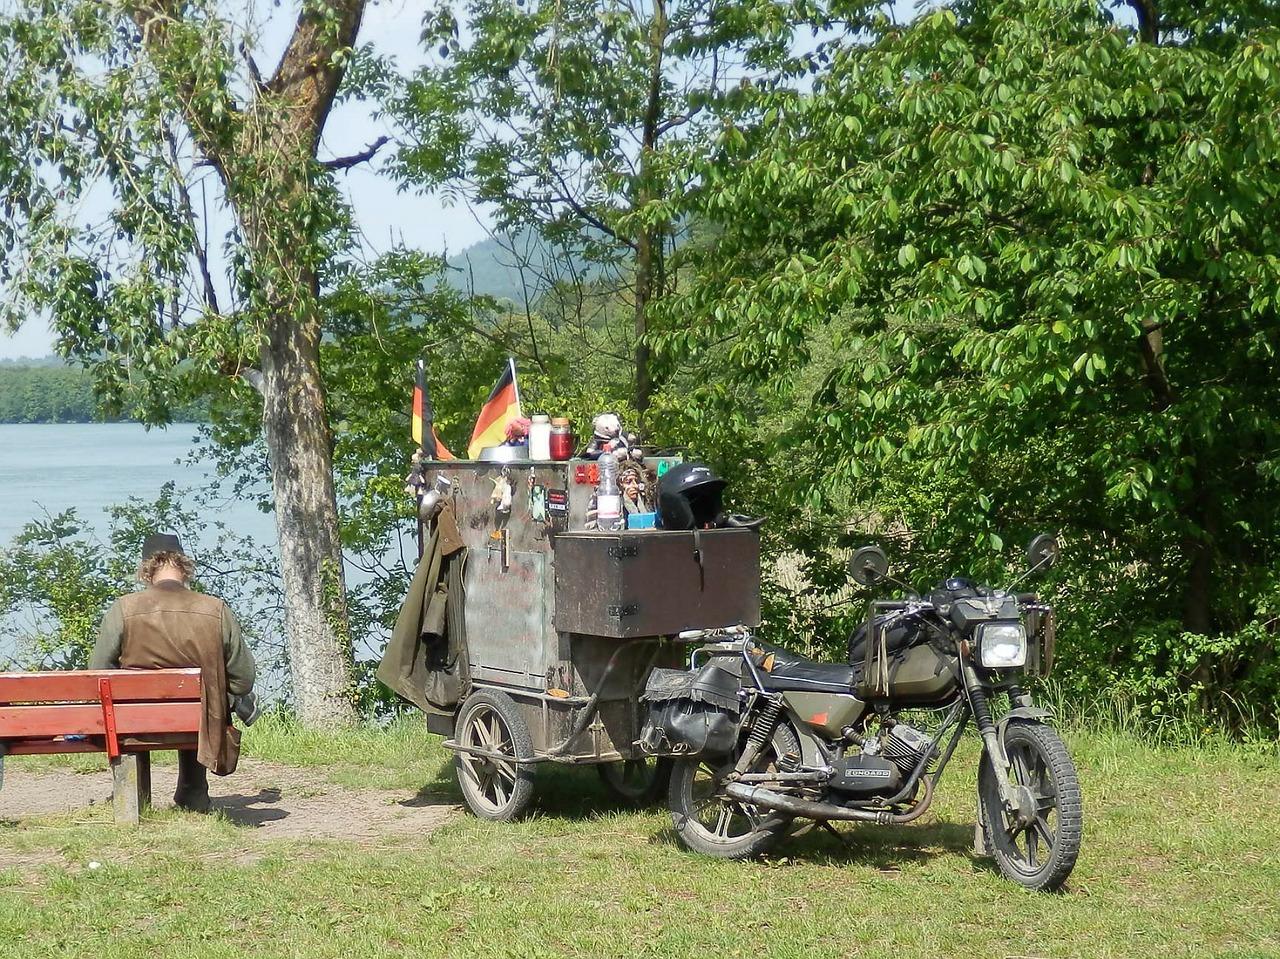 Les astuces pour bien se nourrir lors d'un road-trip à moto